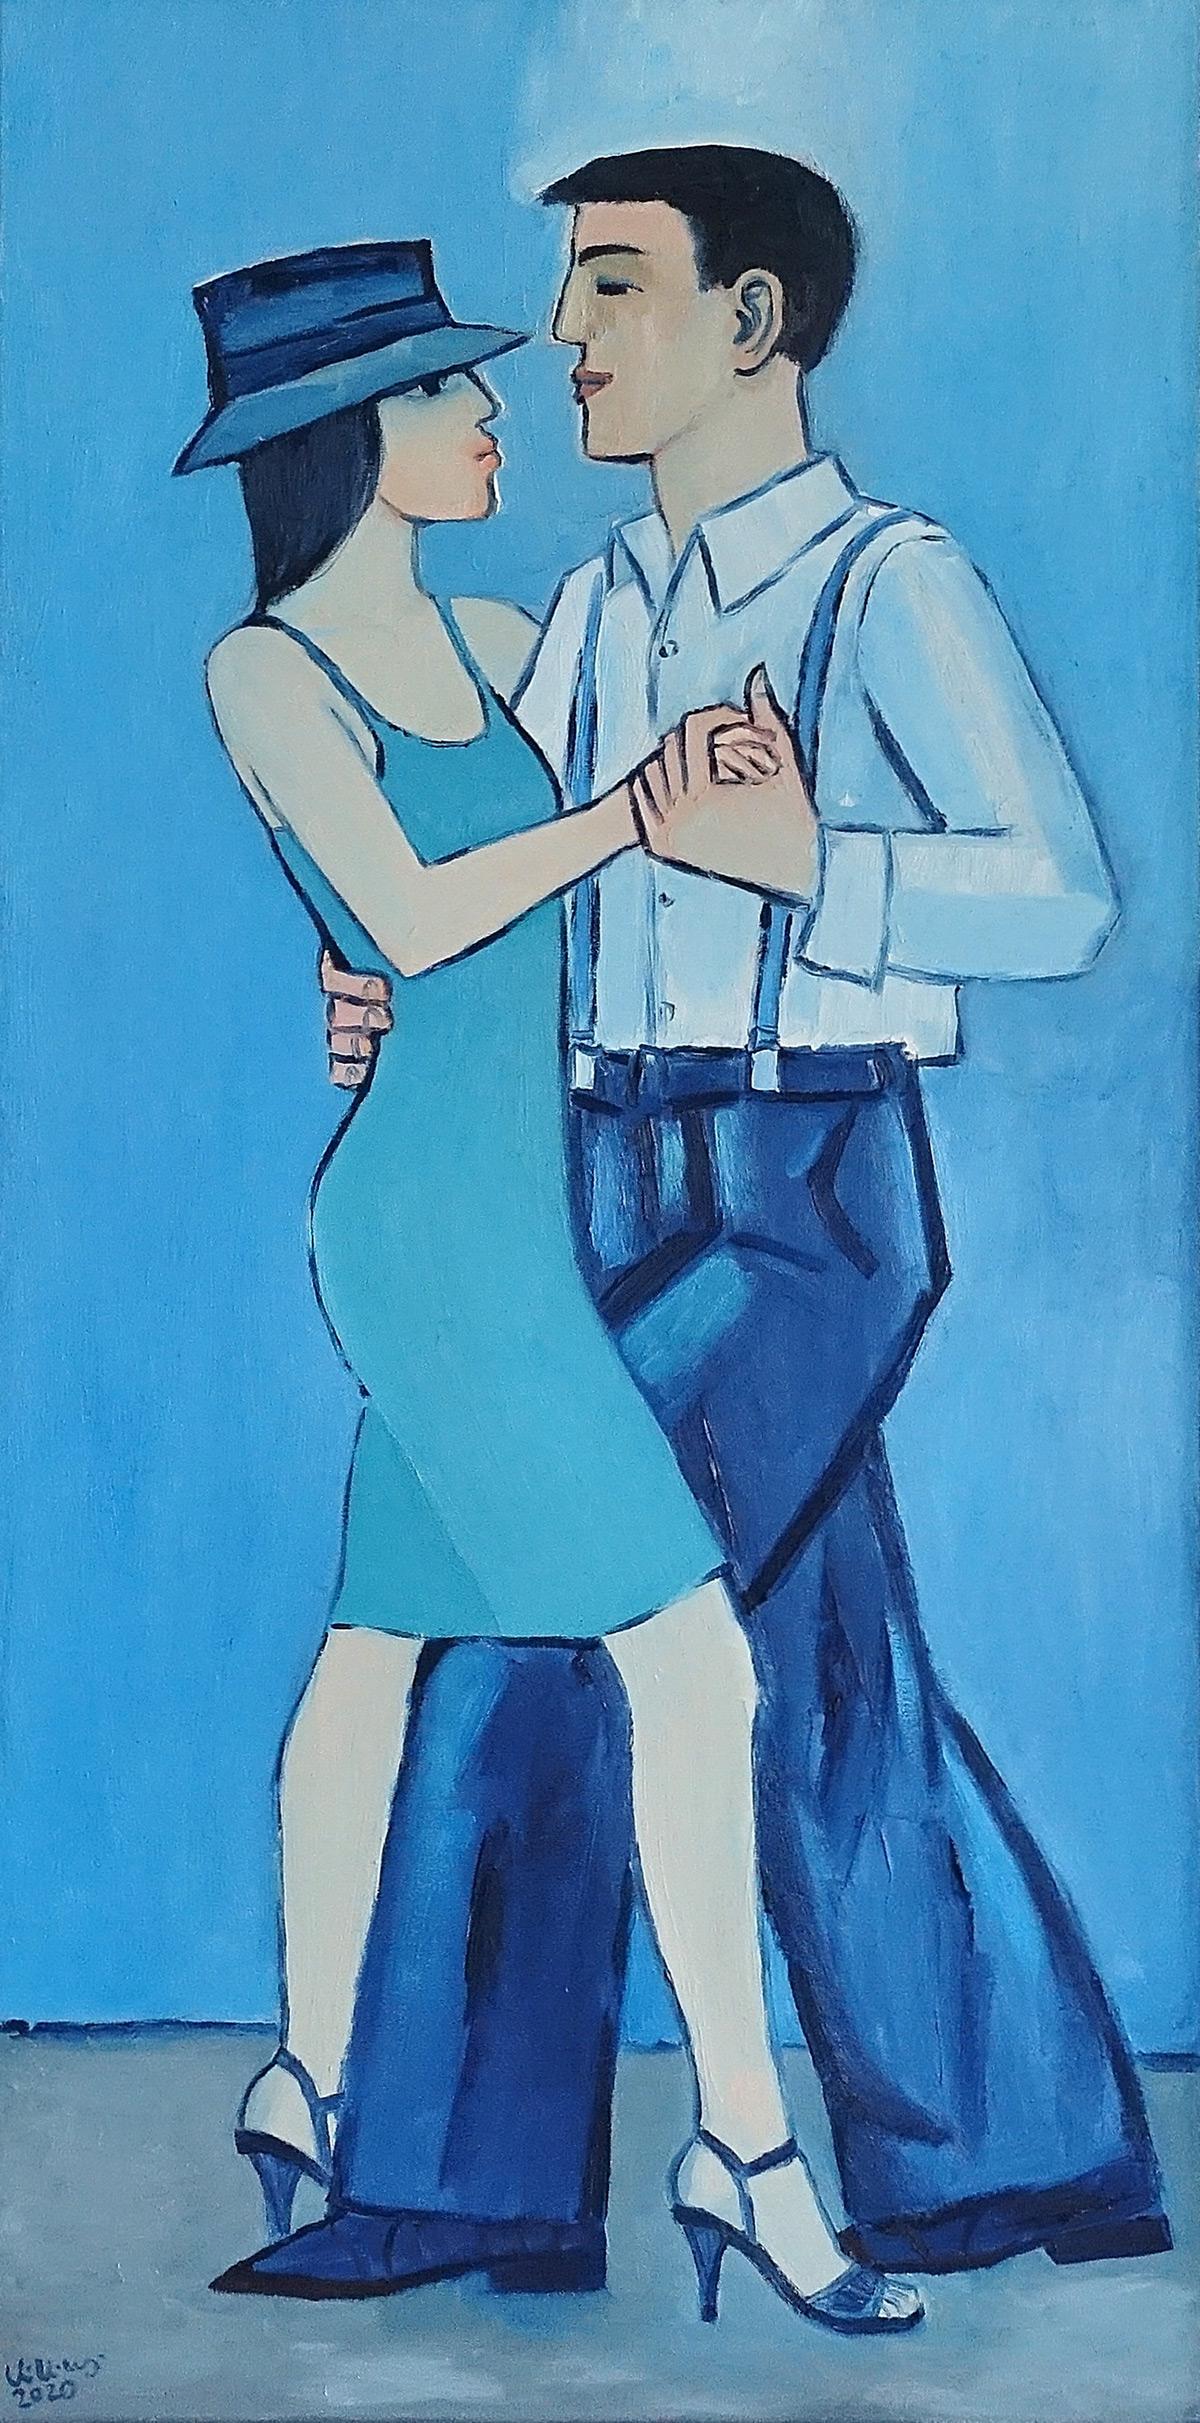 Krzysztof Kokoryn : Couple in dance